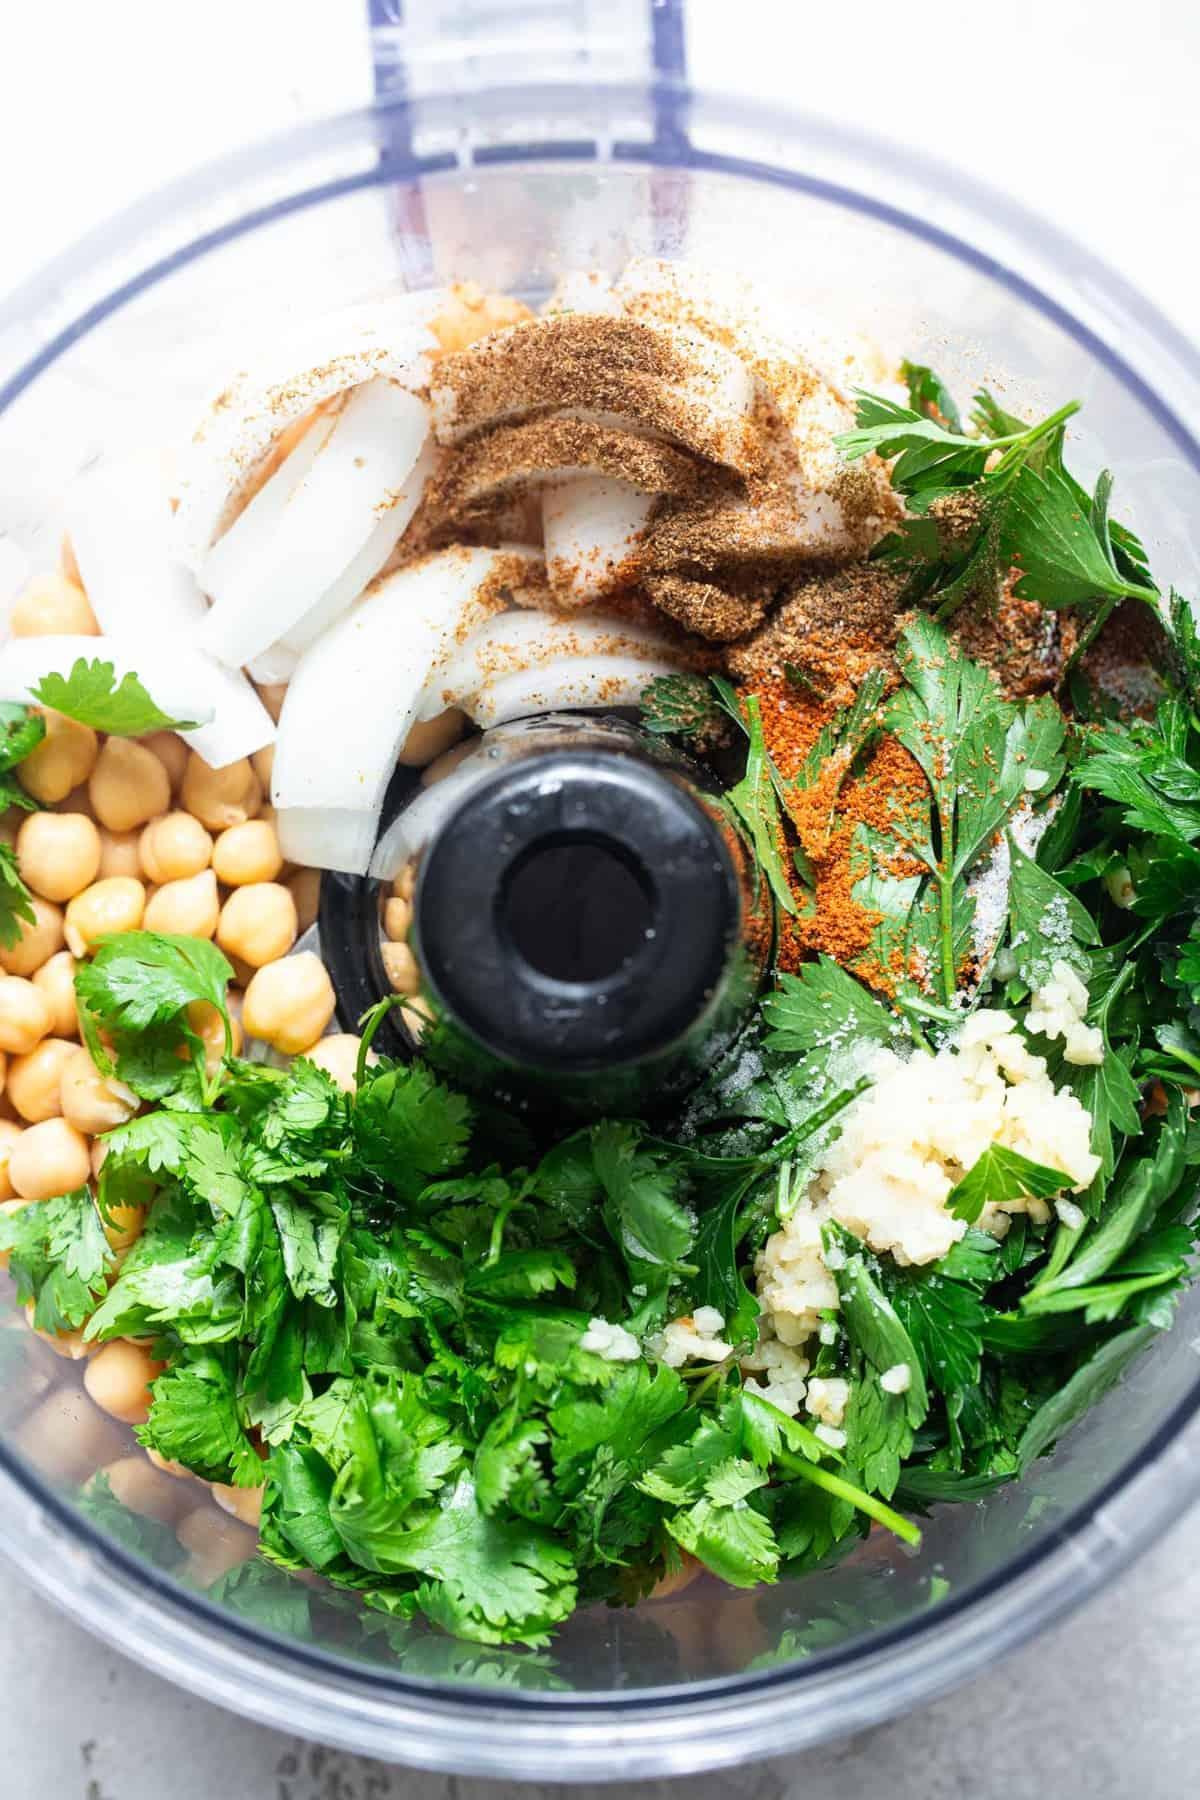 ingredients to make oven baked falafel